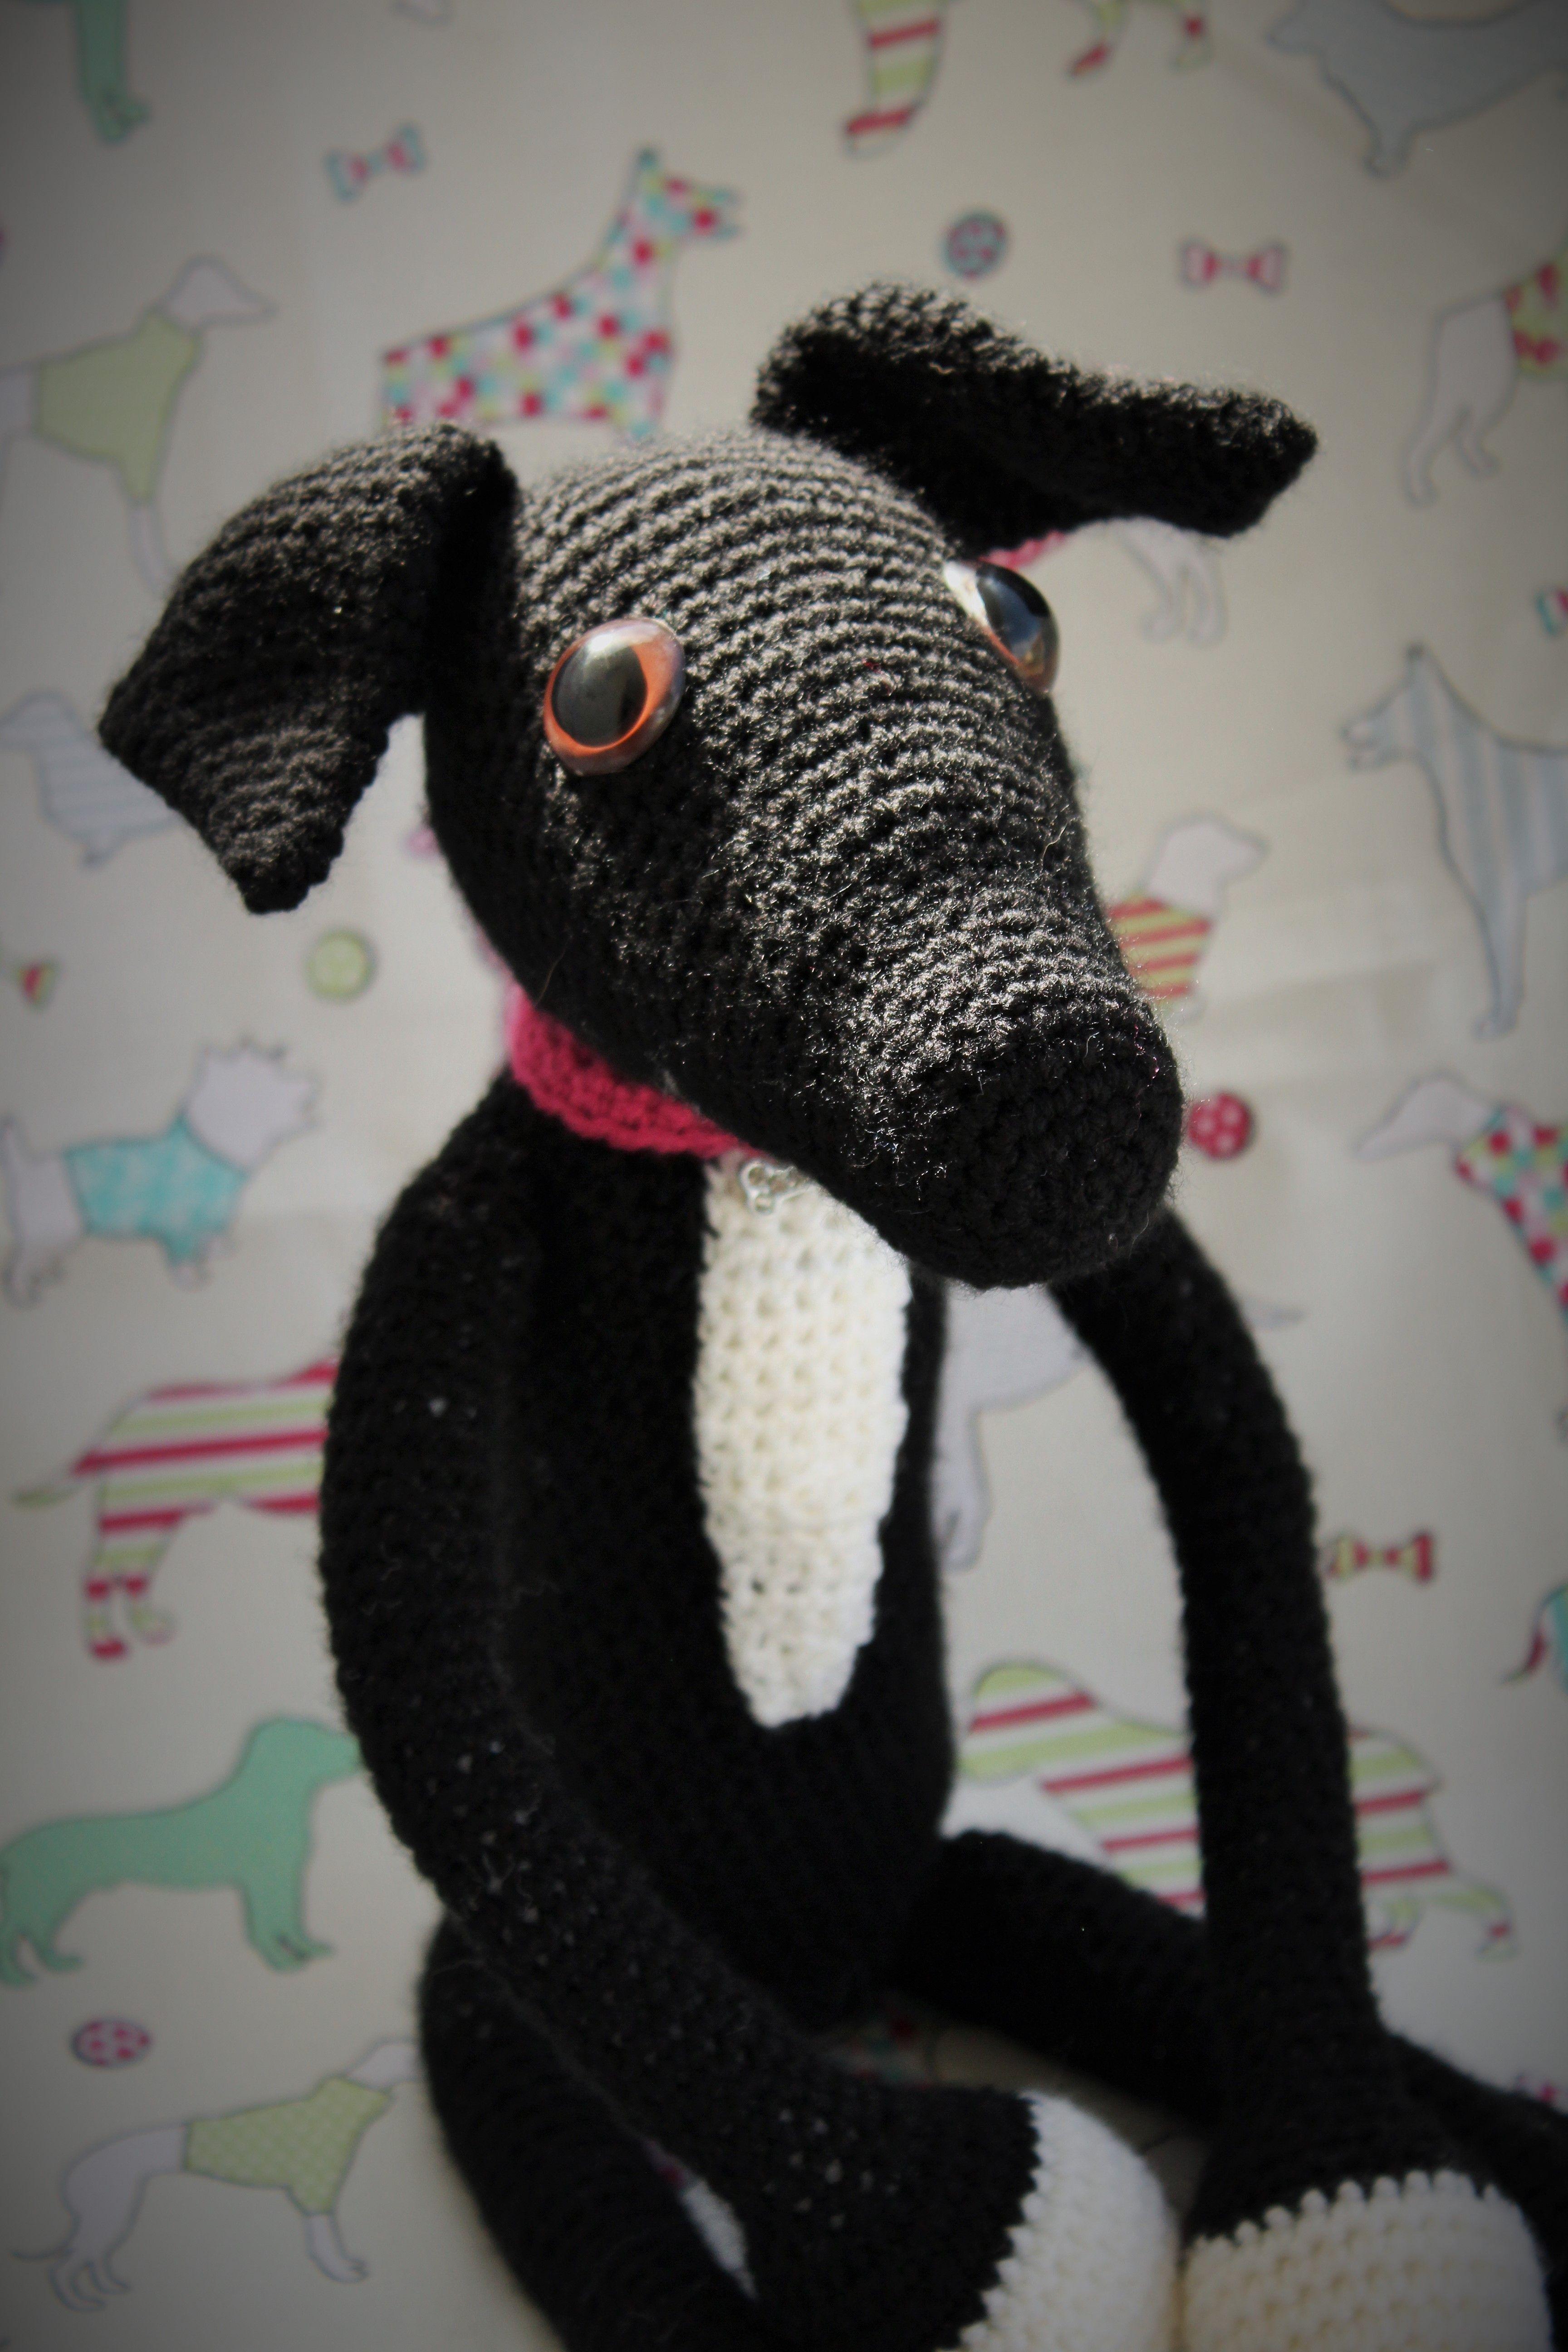 Black Greyhound amigurumi crochet my design | Haken ...